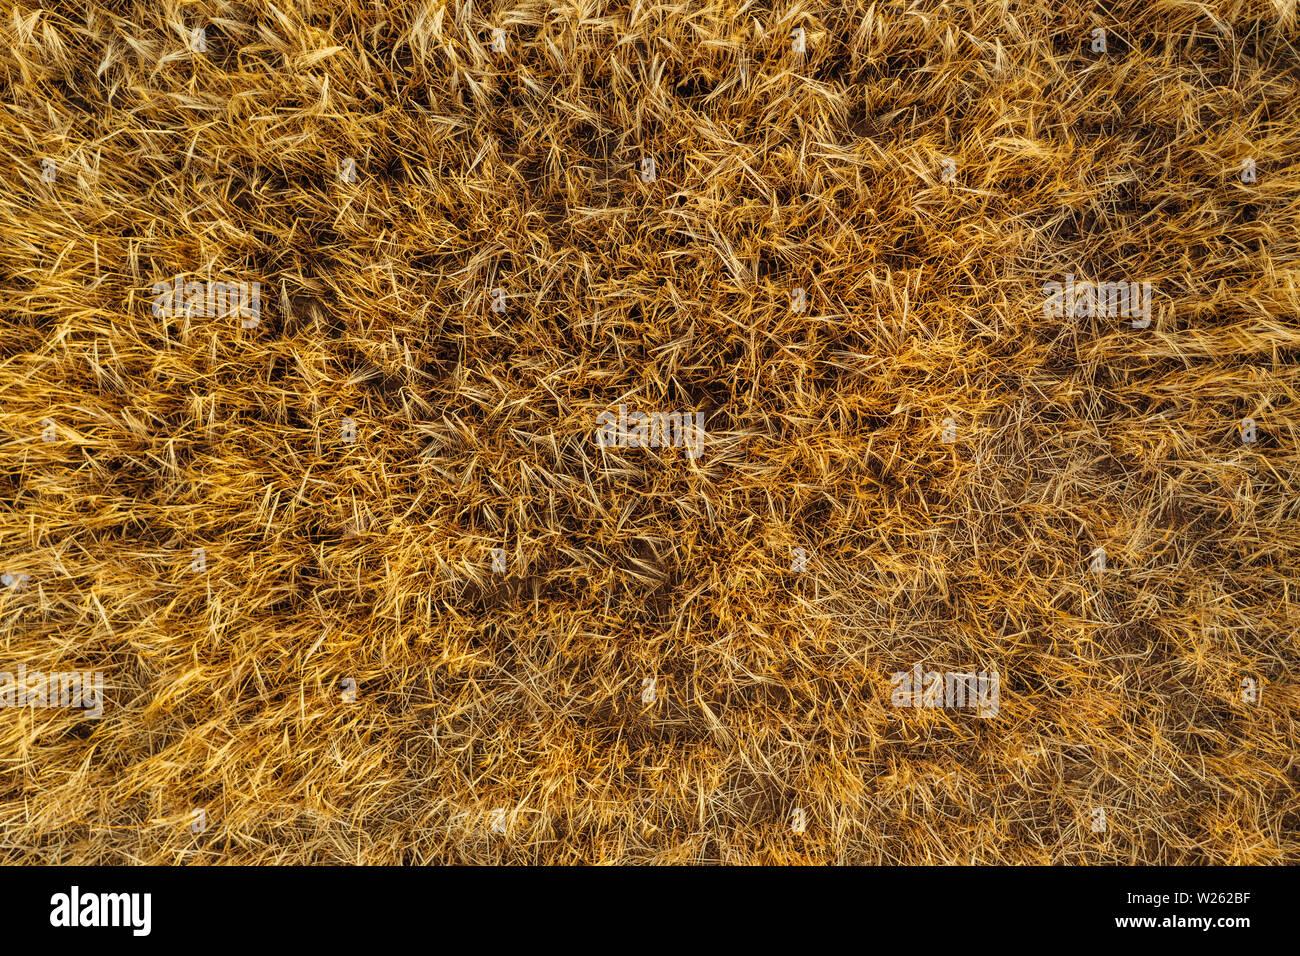 Drone aérien photographie de terres agricoles. Les parcelles agricoles de terres en Pologne, Europe Banque D'Images